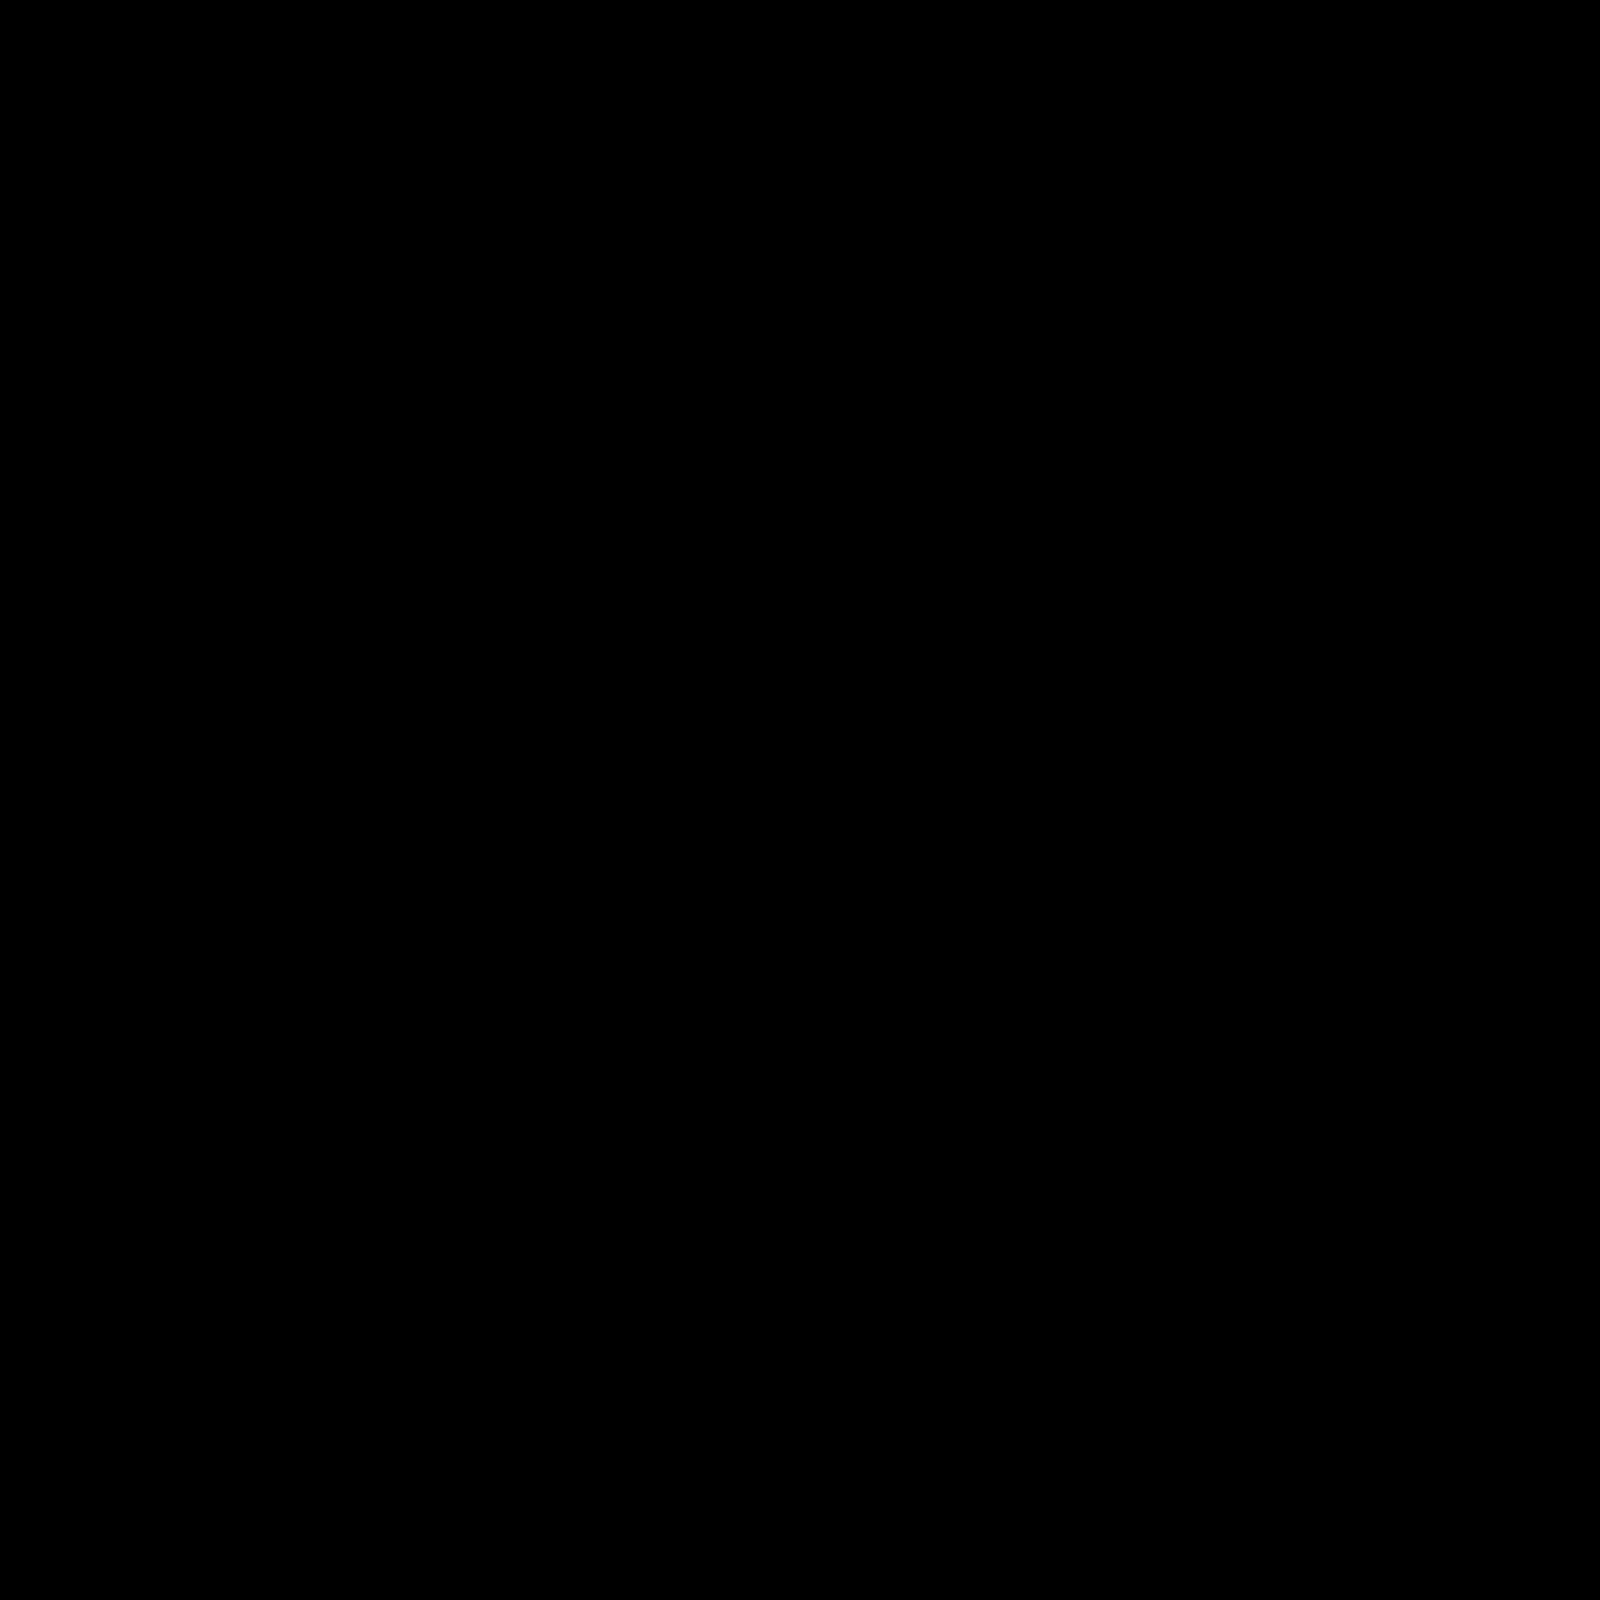 Vue icon